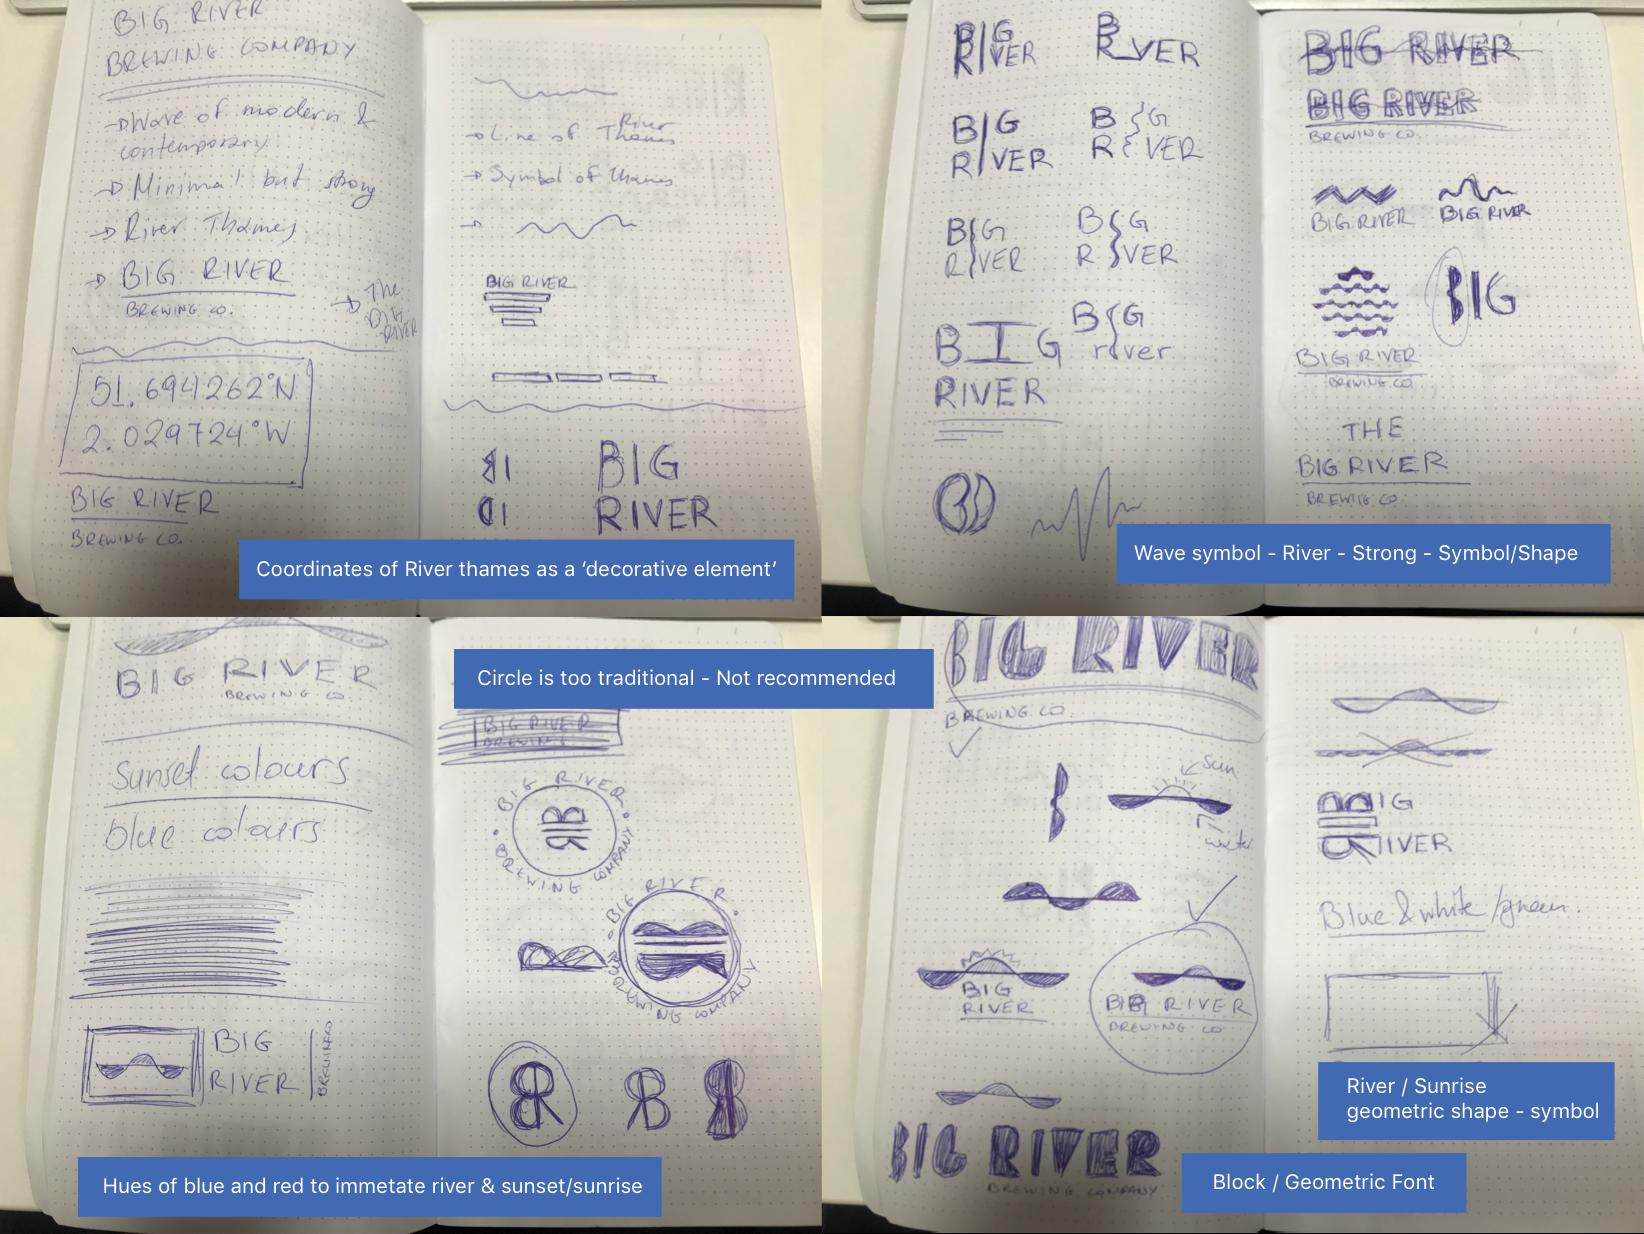 big_river_sketches.png